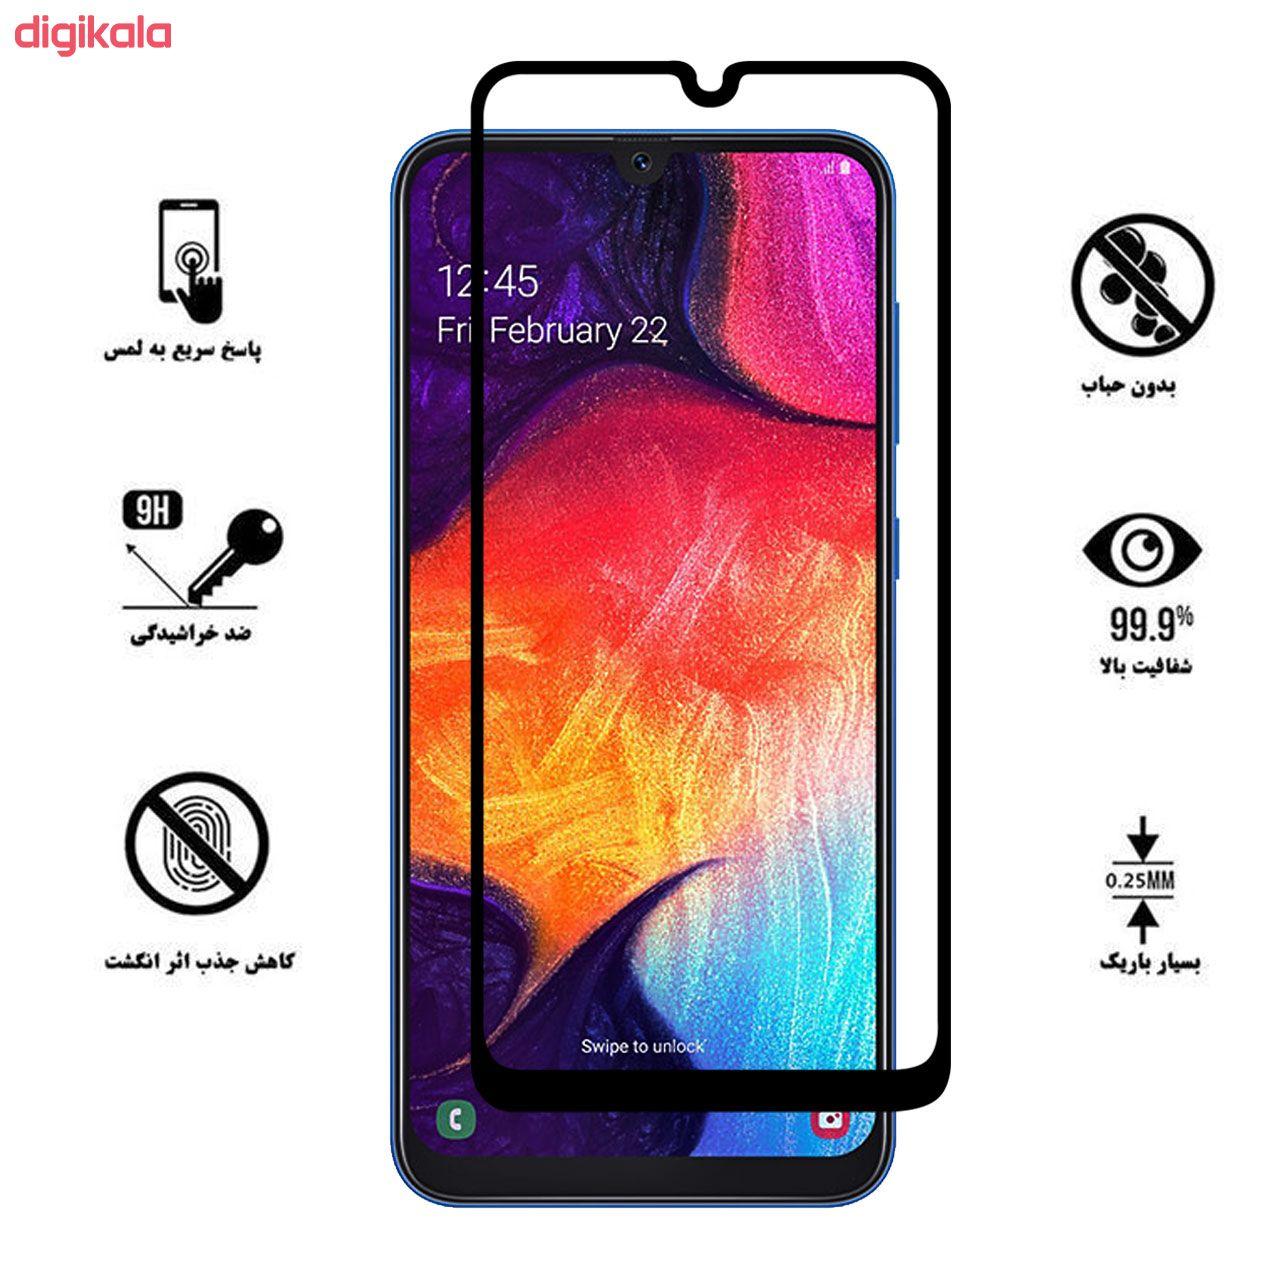 محافظ صفحه نمایش تراستکتور مدل GSS مناسب برای گوشی موبایل سامسونگ Galaxy A50 بسته 3 عددی main 1 9